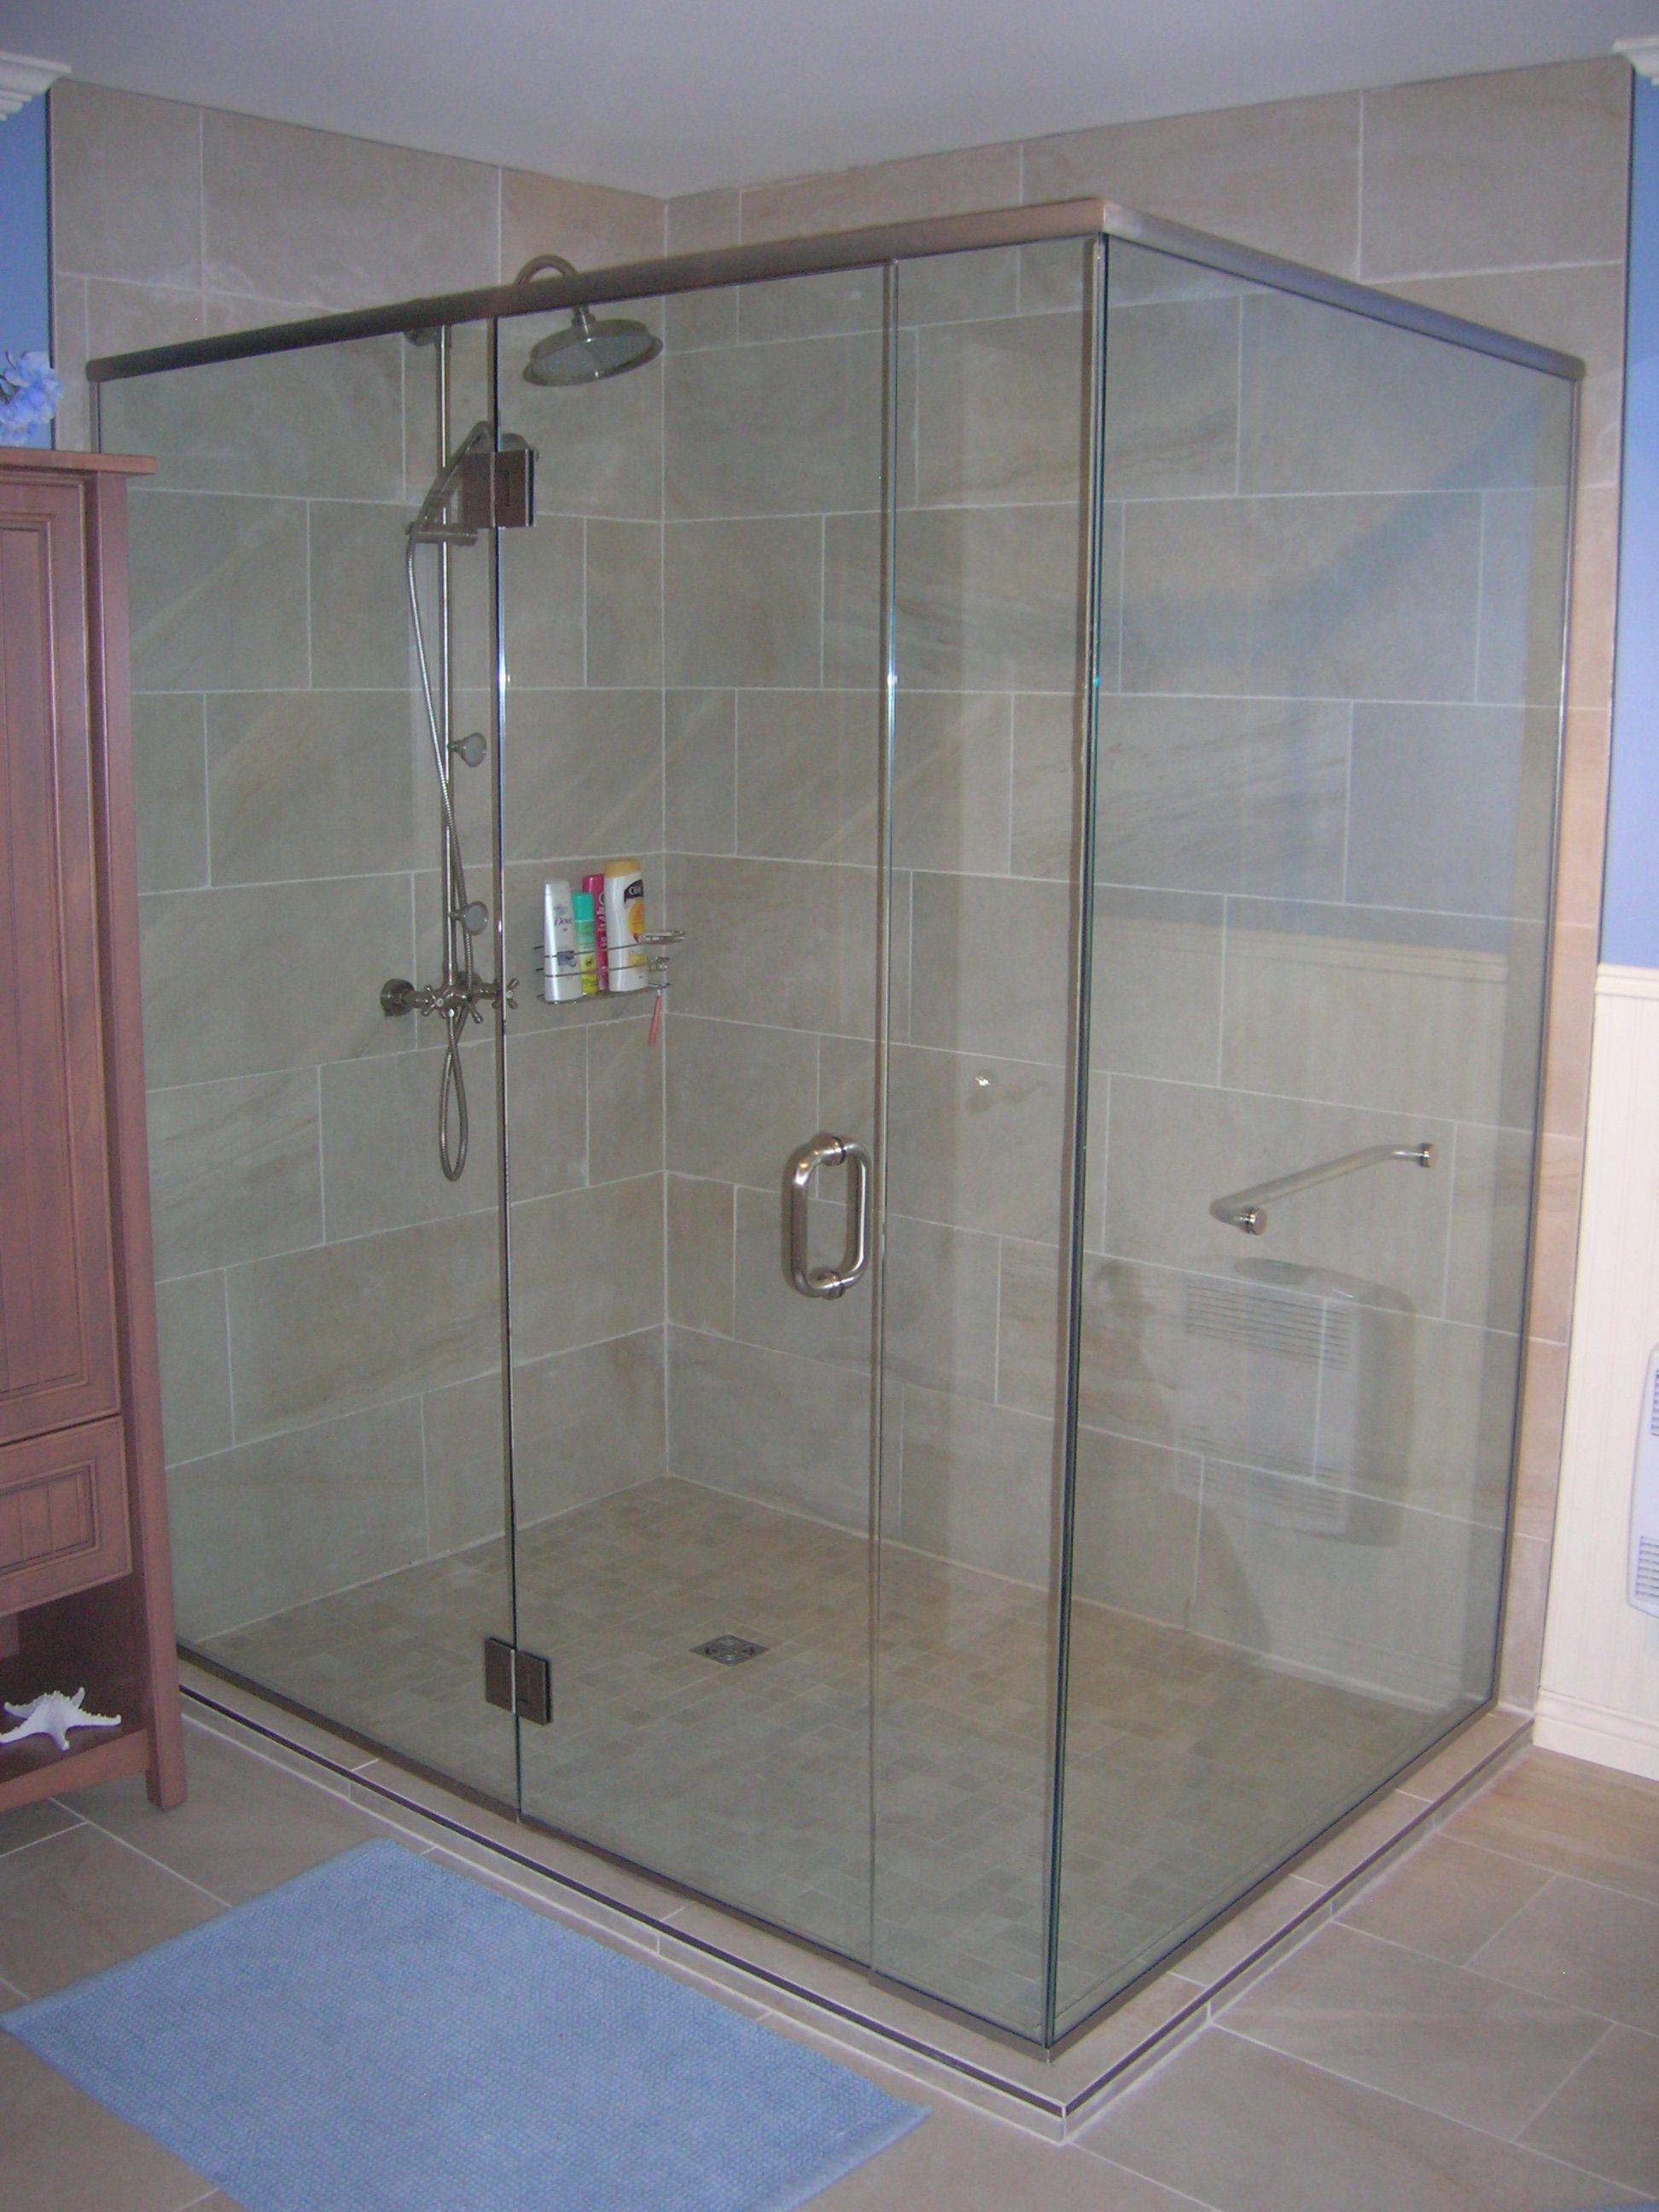 0104 am nagement salle de bains c ramique murale 12x24